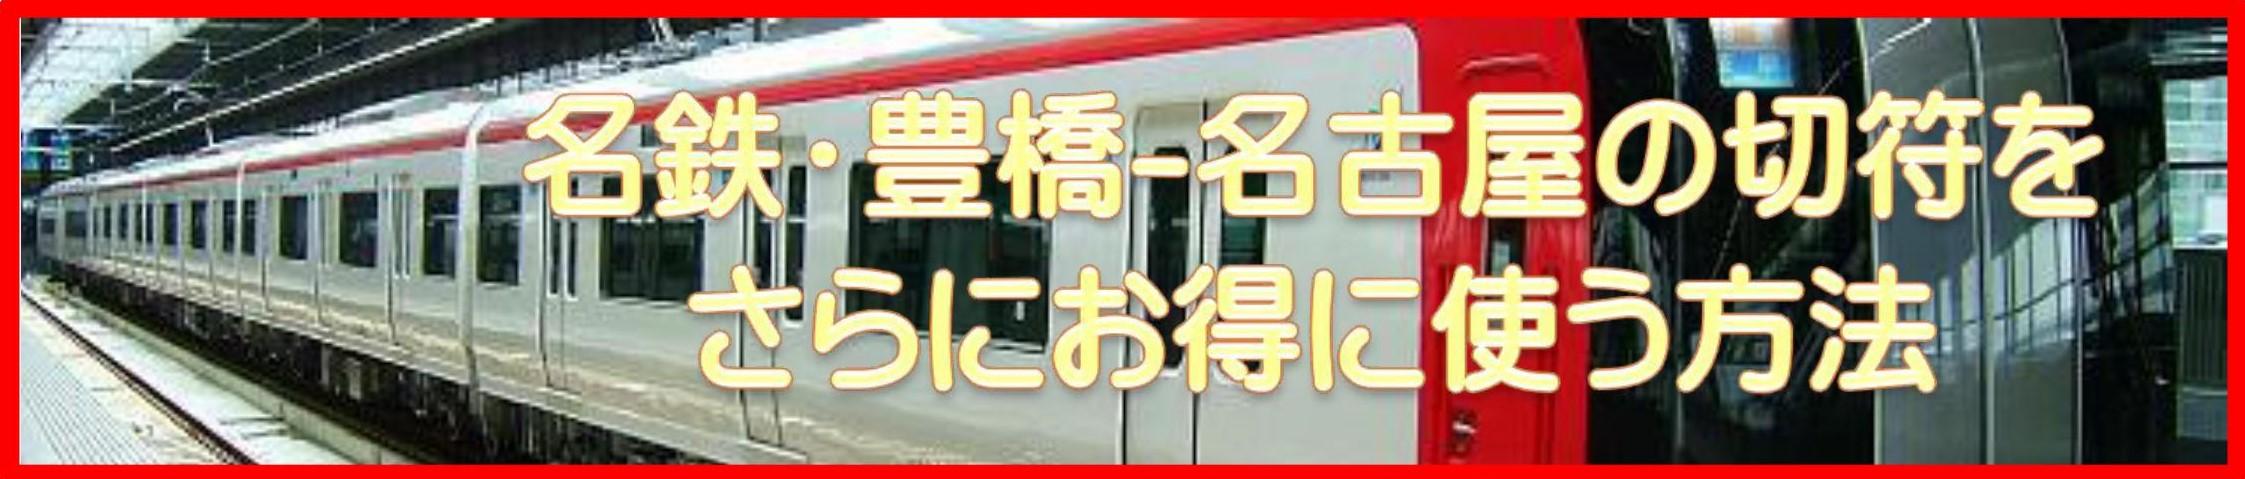 豊橋金券ショップフリーチケット|名鉄豊橋-名古屋特割きっぷ